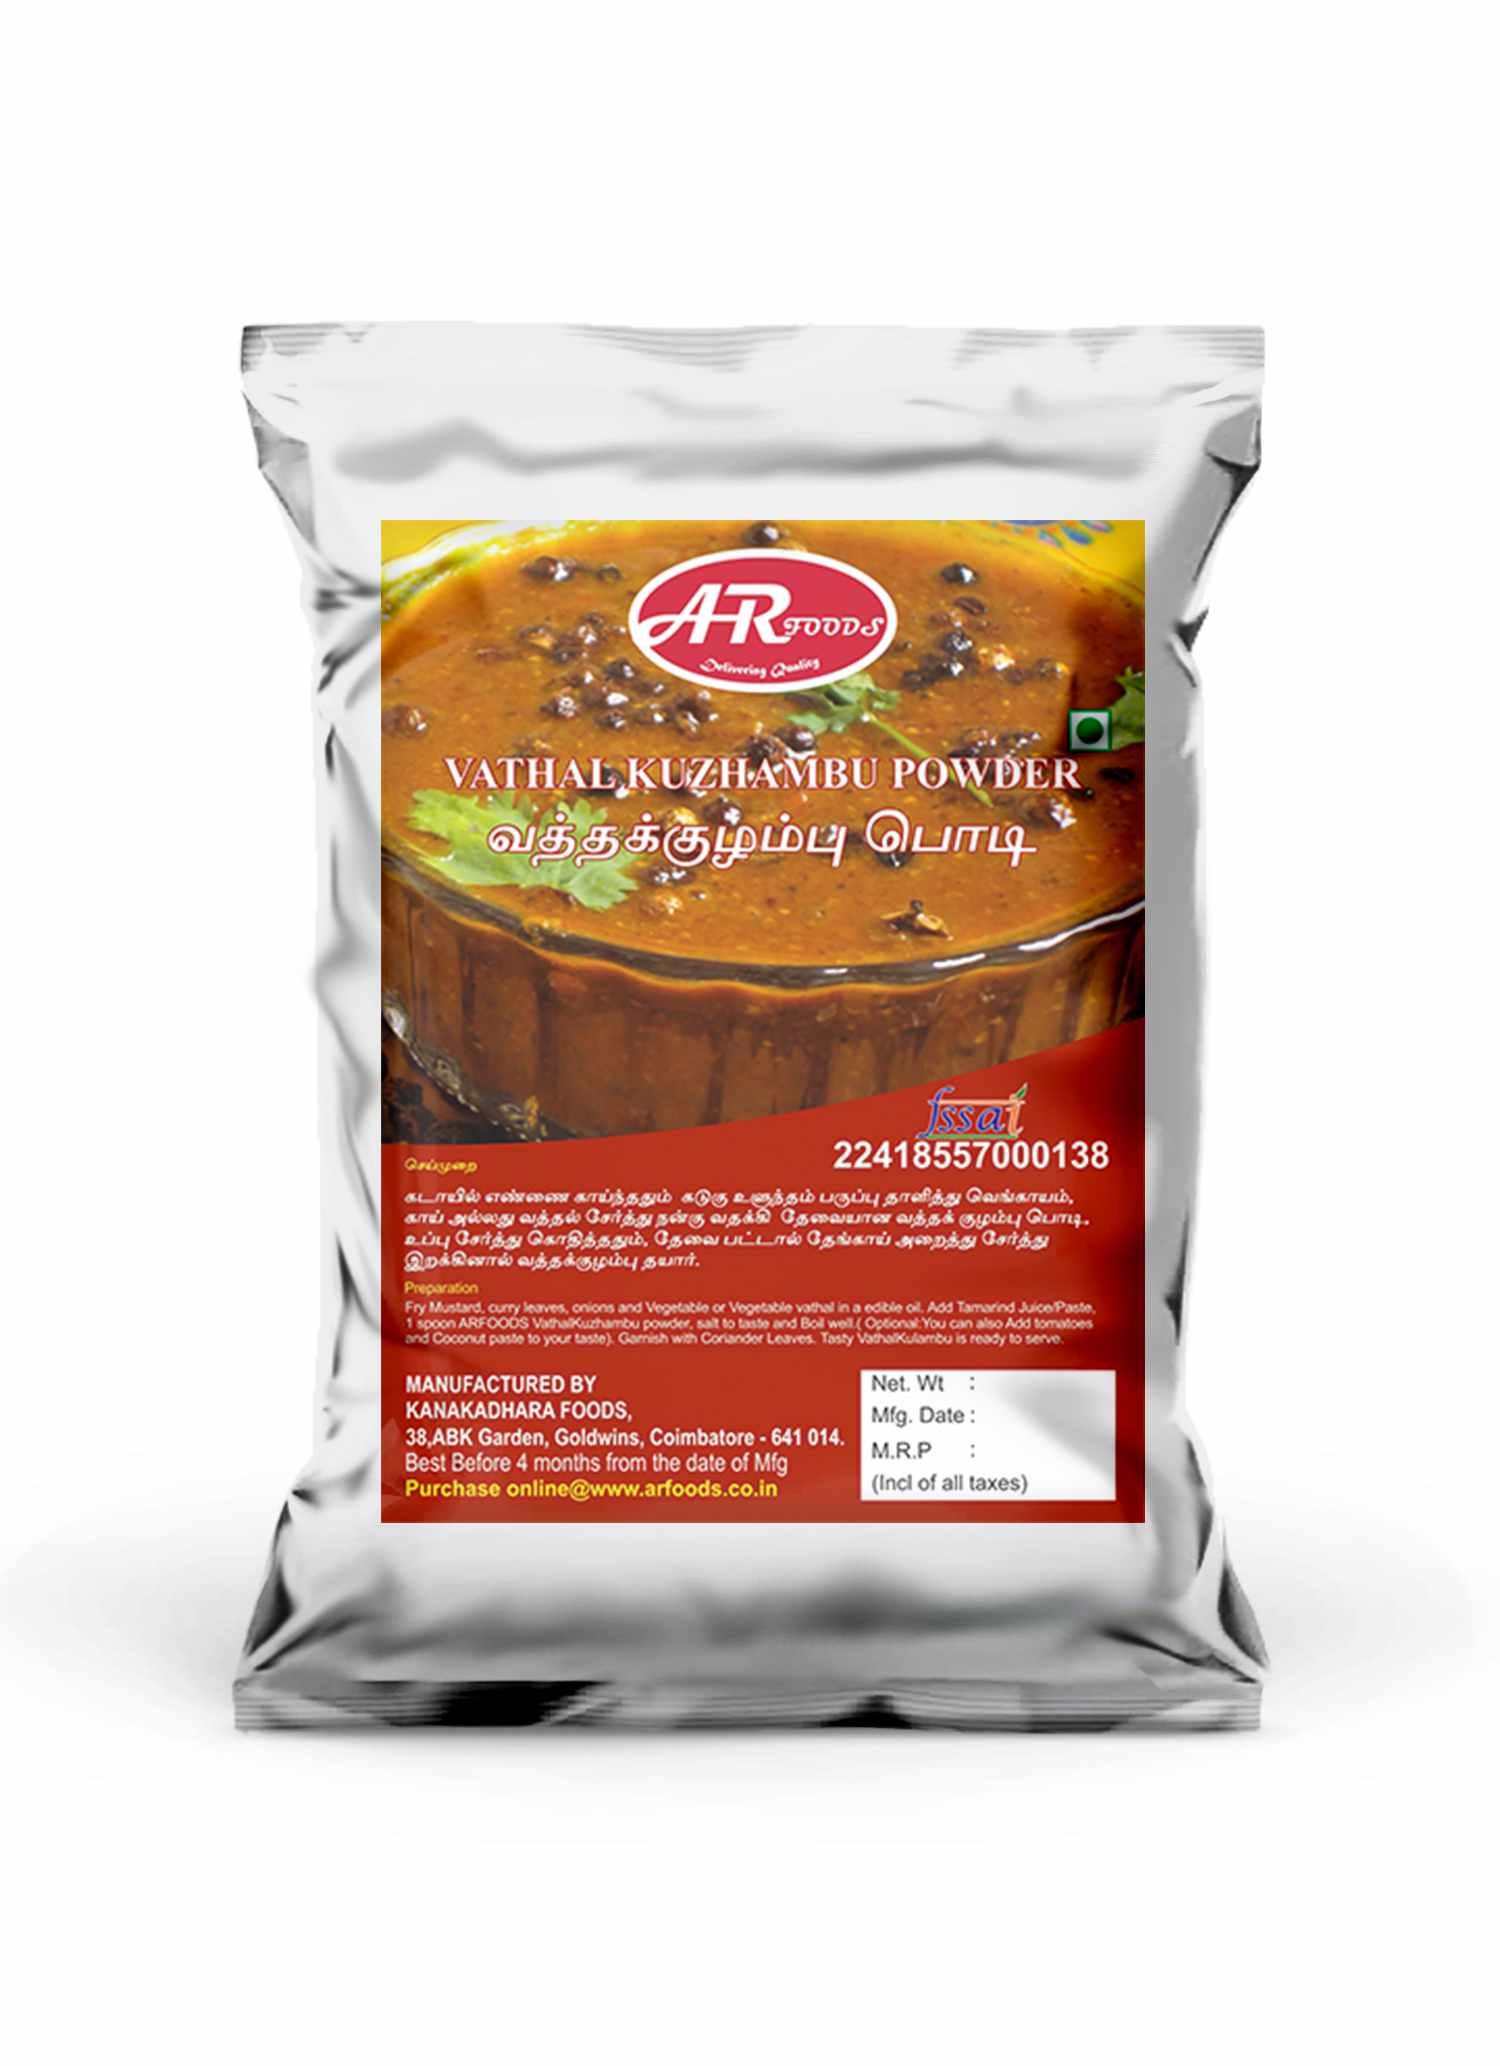 Vatal kuzhambu powder_ar_foods_coimbatore